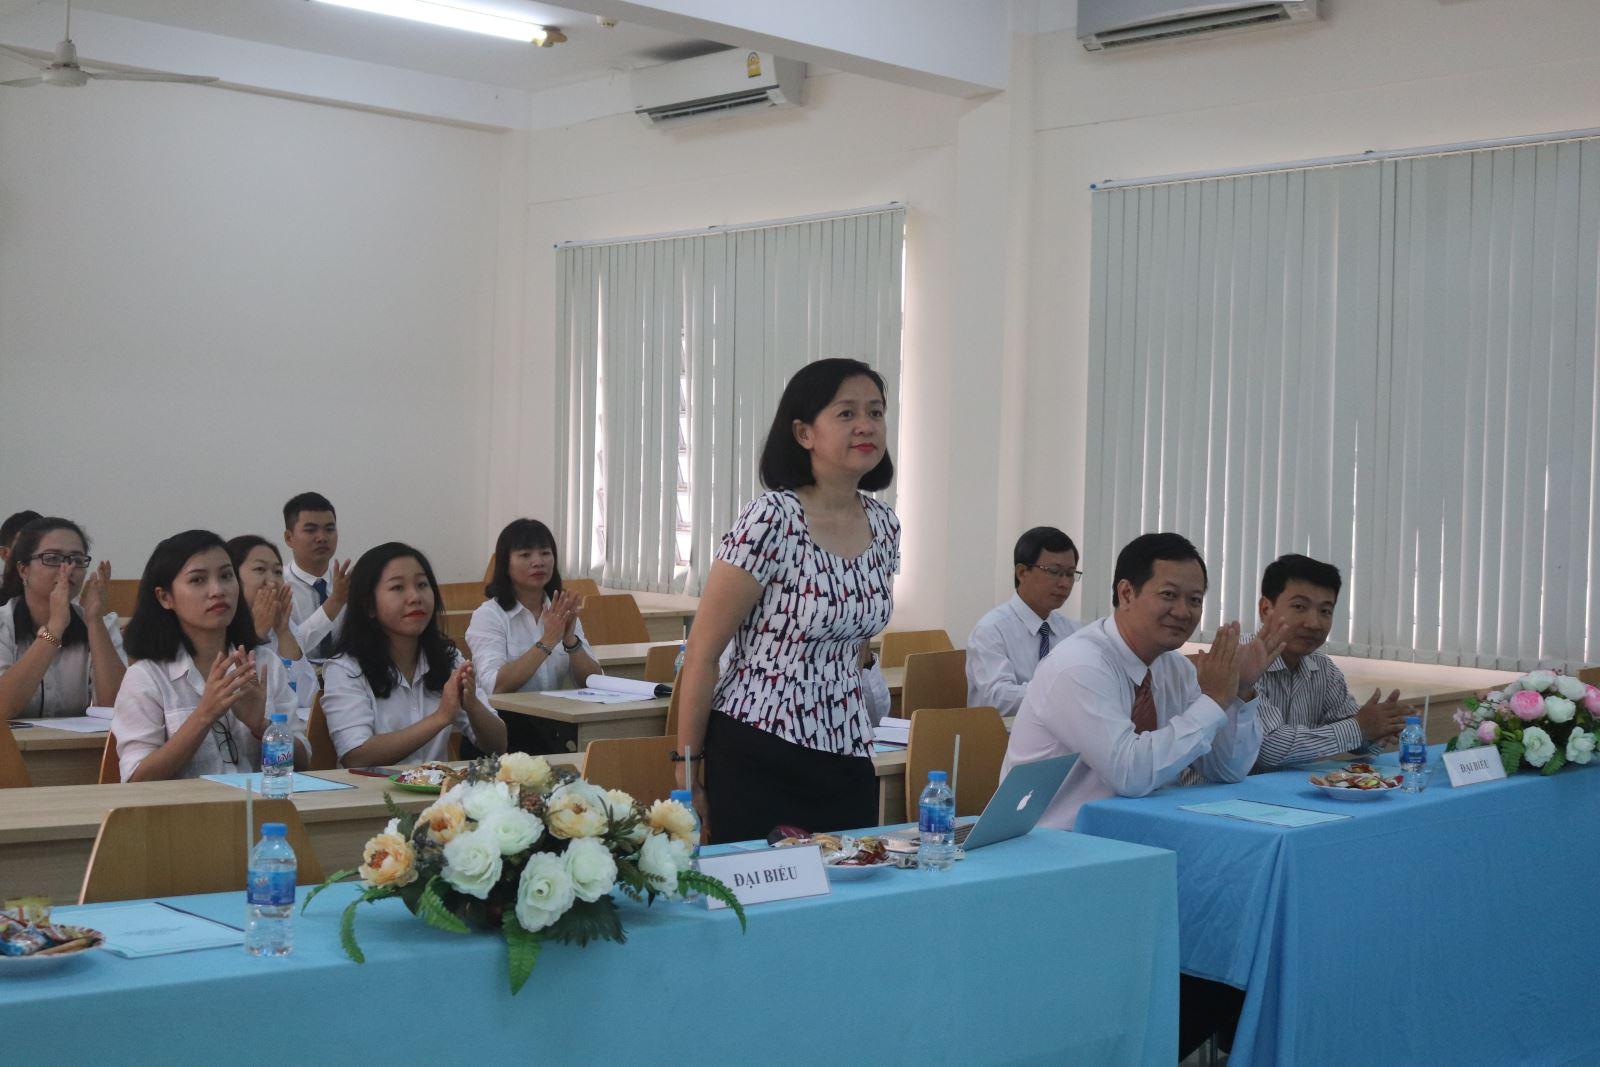 Hội nghị Thành lập Công đoàn cơ sở Phân hiệu ĐHQG-HCM tại tỉnh Bến Tre